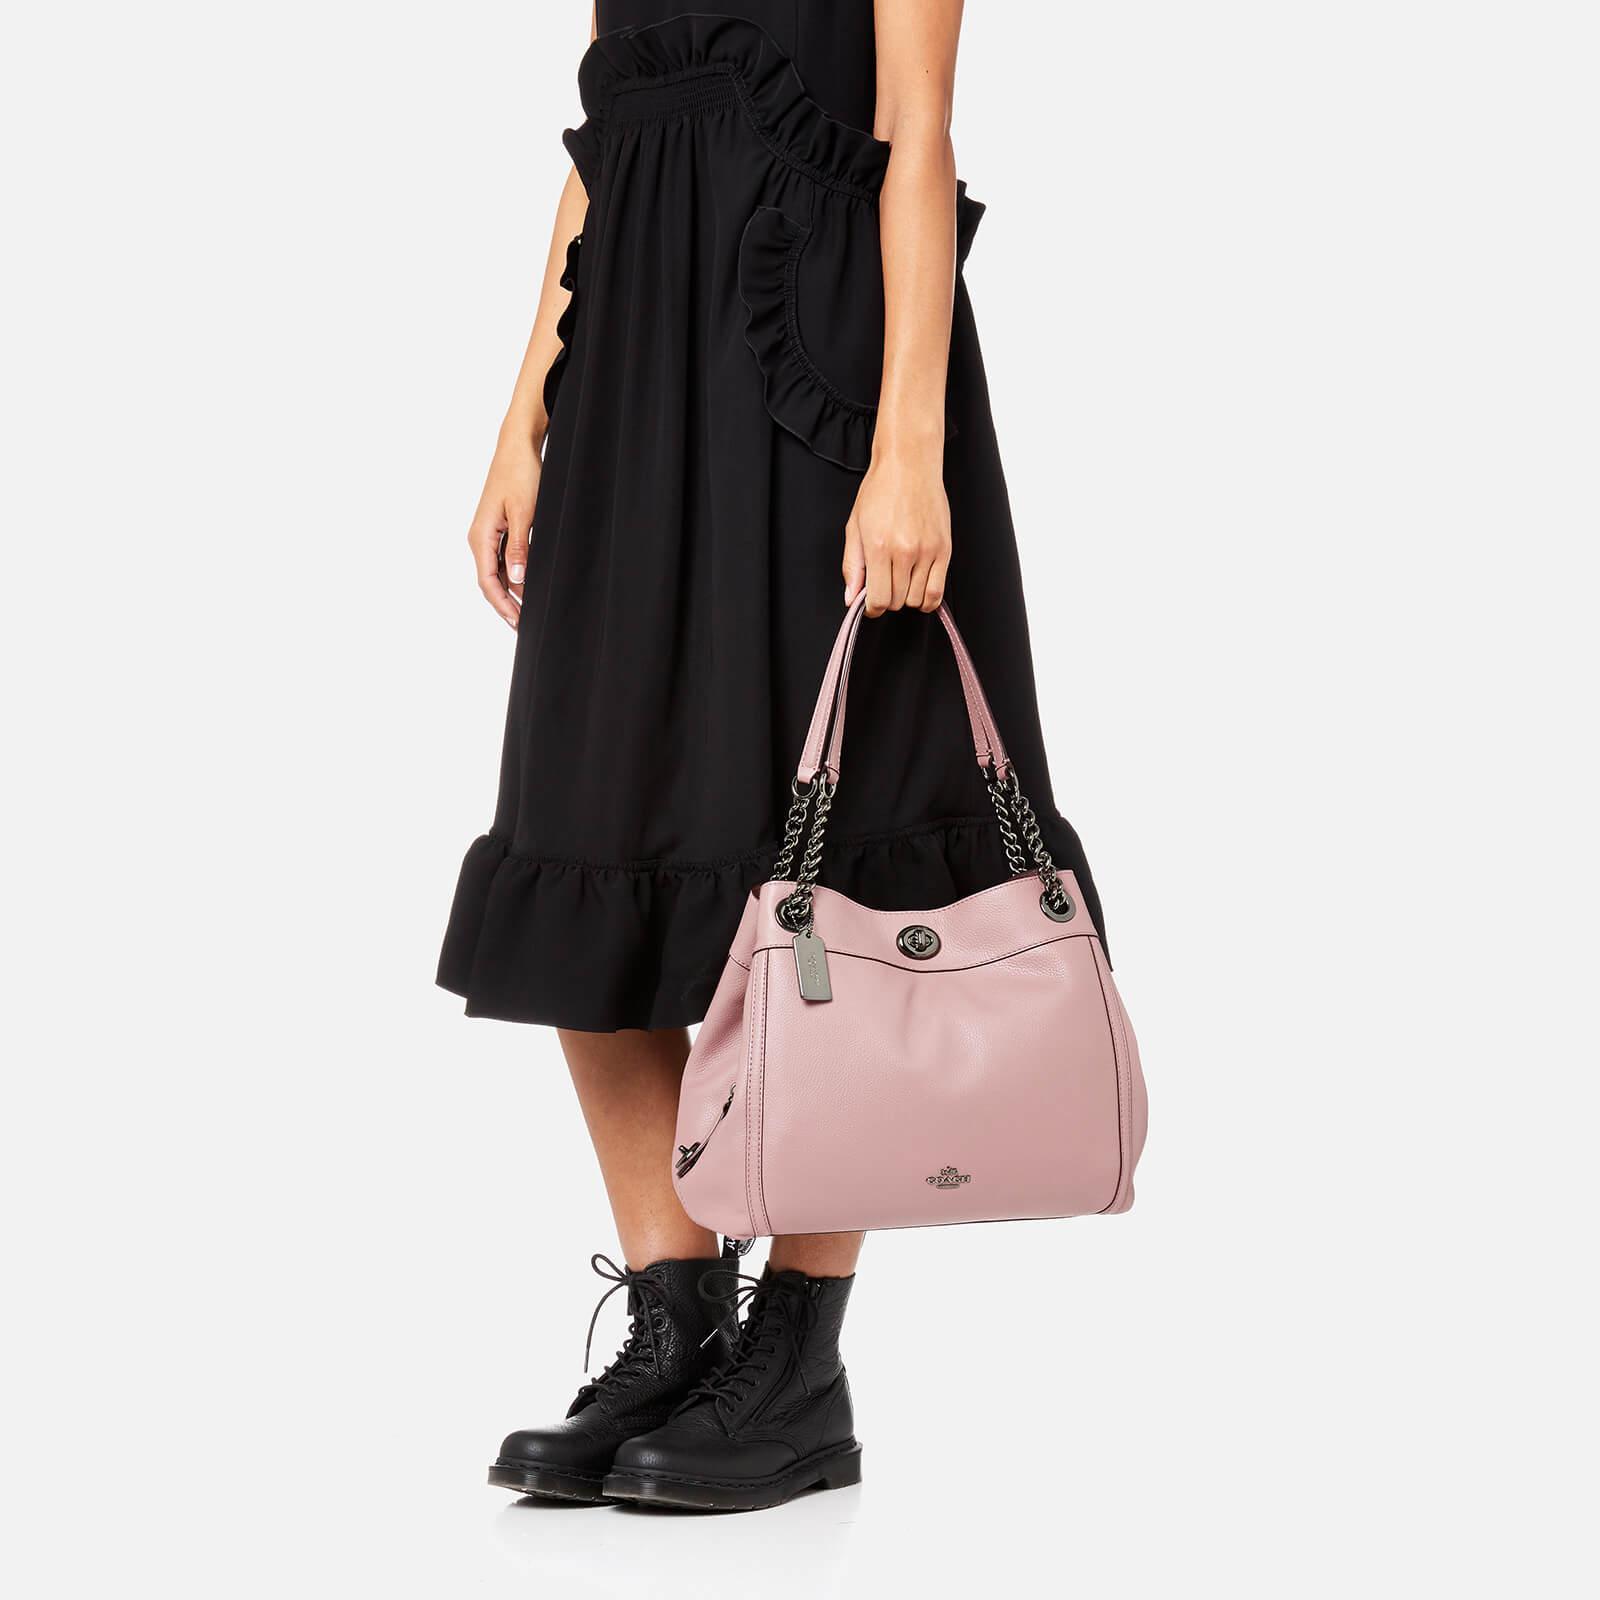 c7e30cc49e9 Lyst - COACH Turnlock Edie Shoulder Bag in Pink